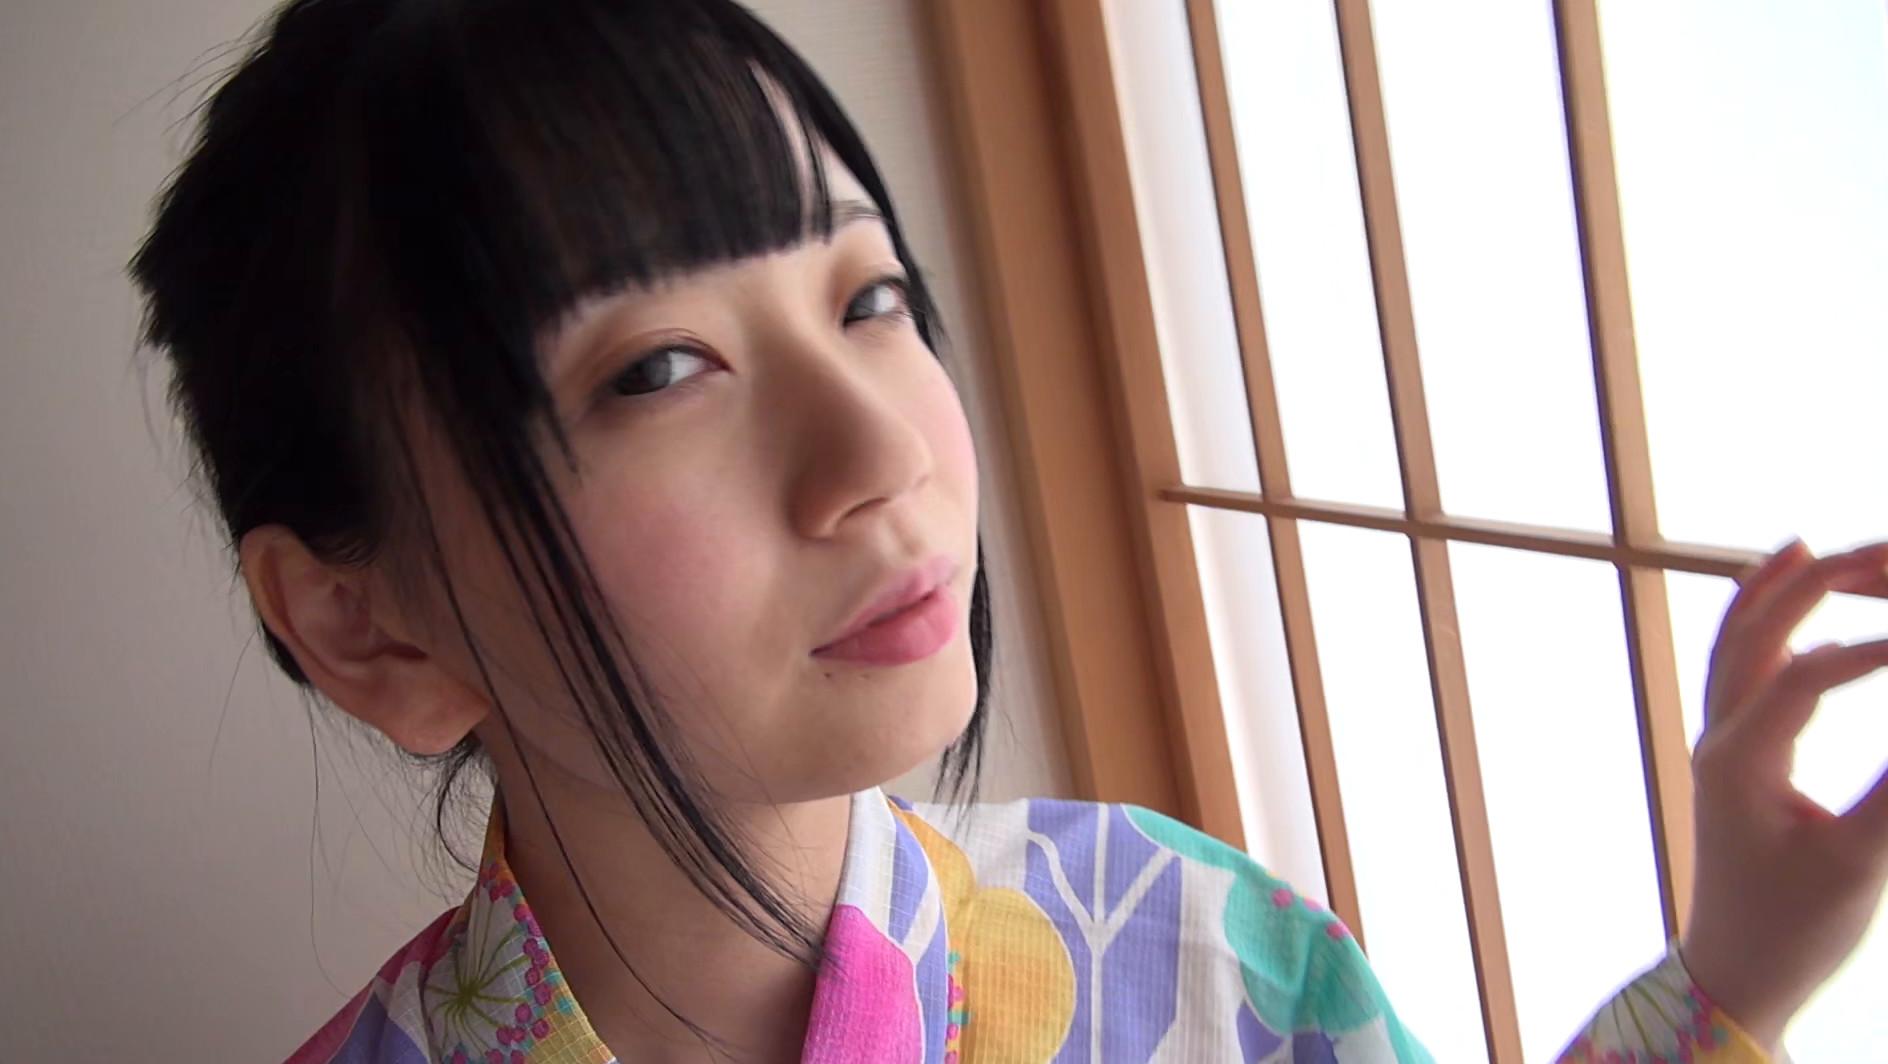 ヘアーヌード~無修正・妹系女子大生・美少女・ロ●ータセクシー女優~ 七沢みあ 画像18